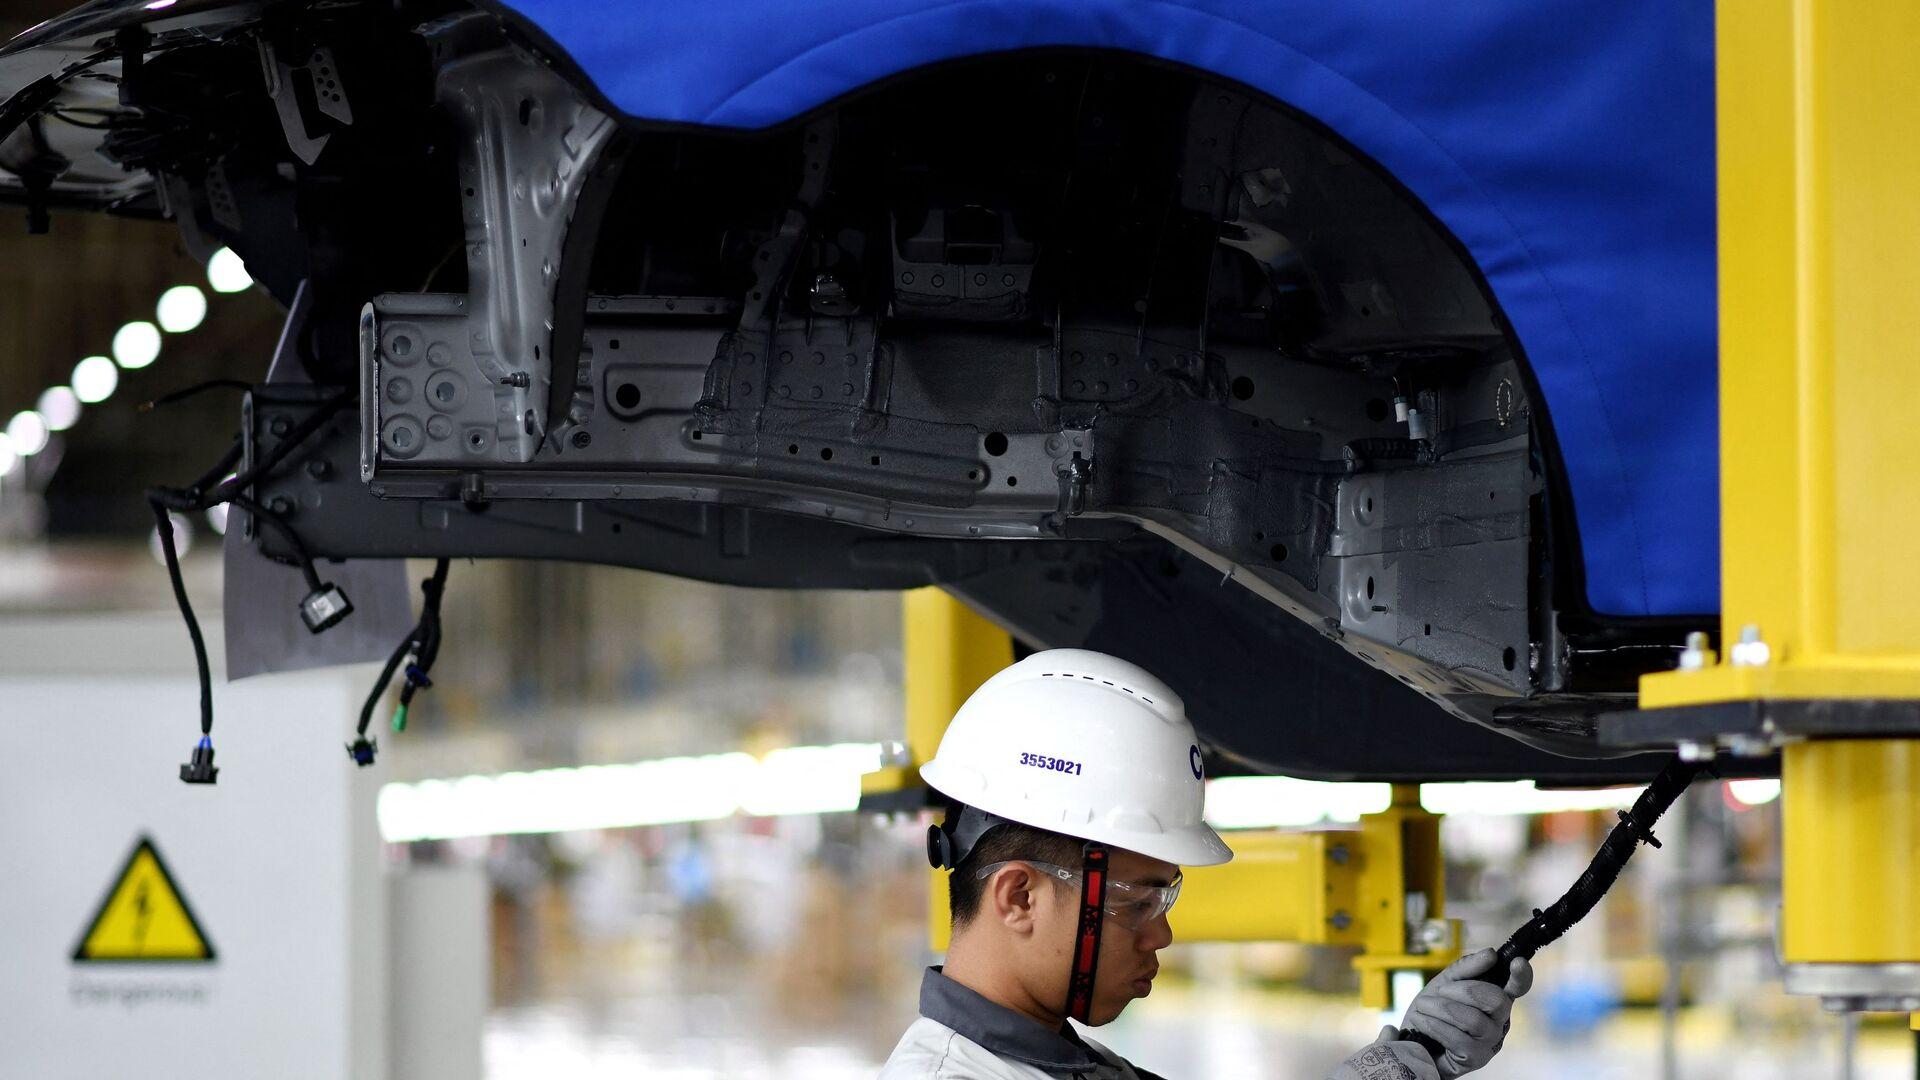 Dây chuyền lắp ráp ô tô của nhà máy ô tô VinFast tại Việt Nam. - Sputnik Việt Nam, 1920, 14.10.2021